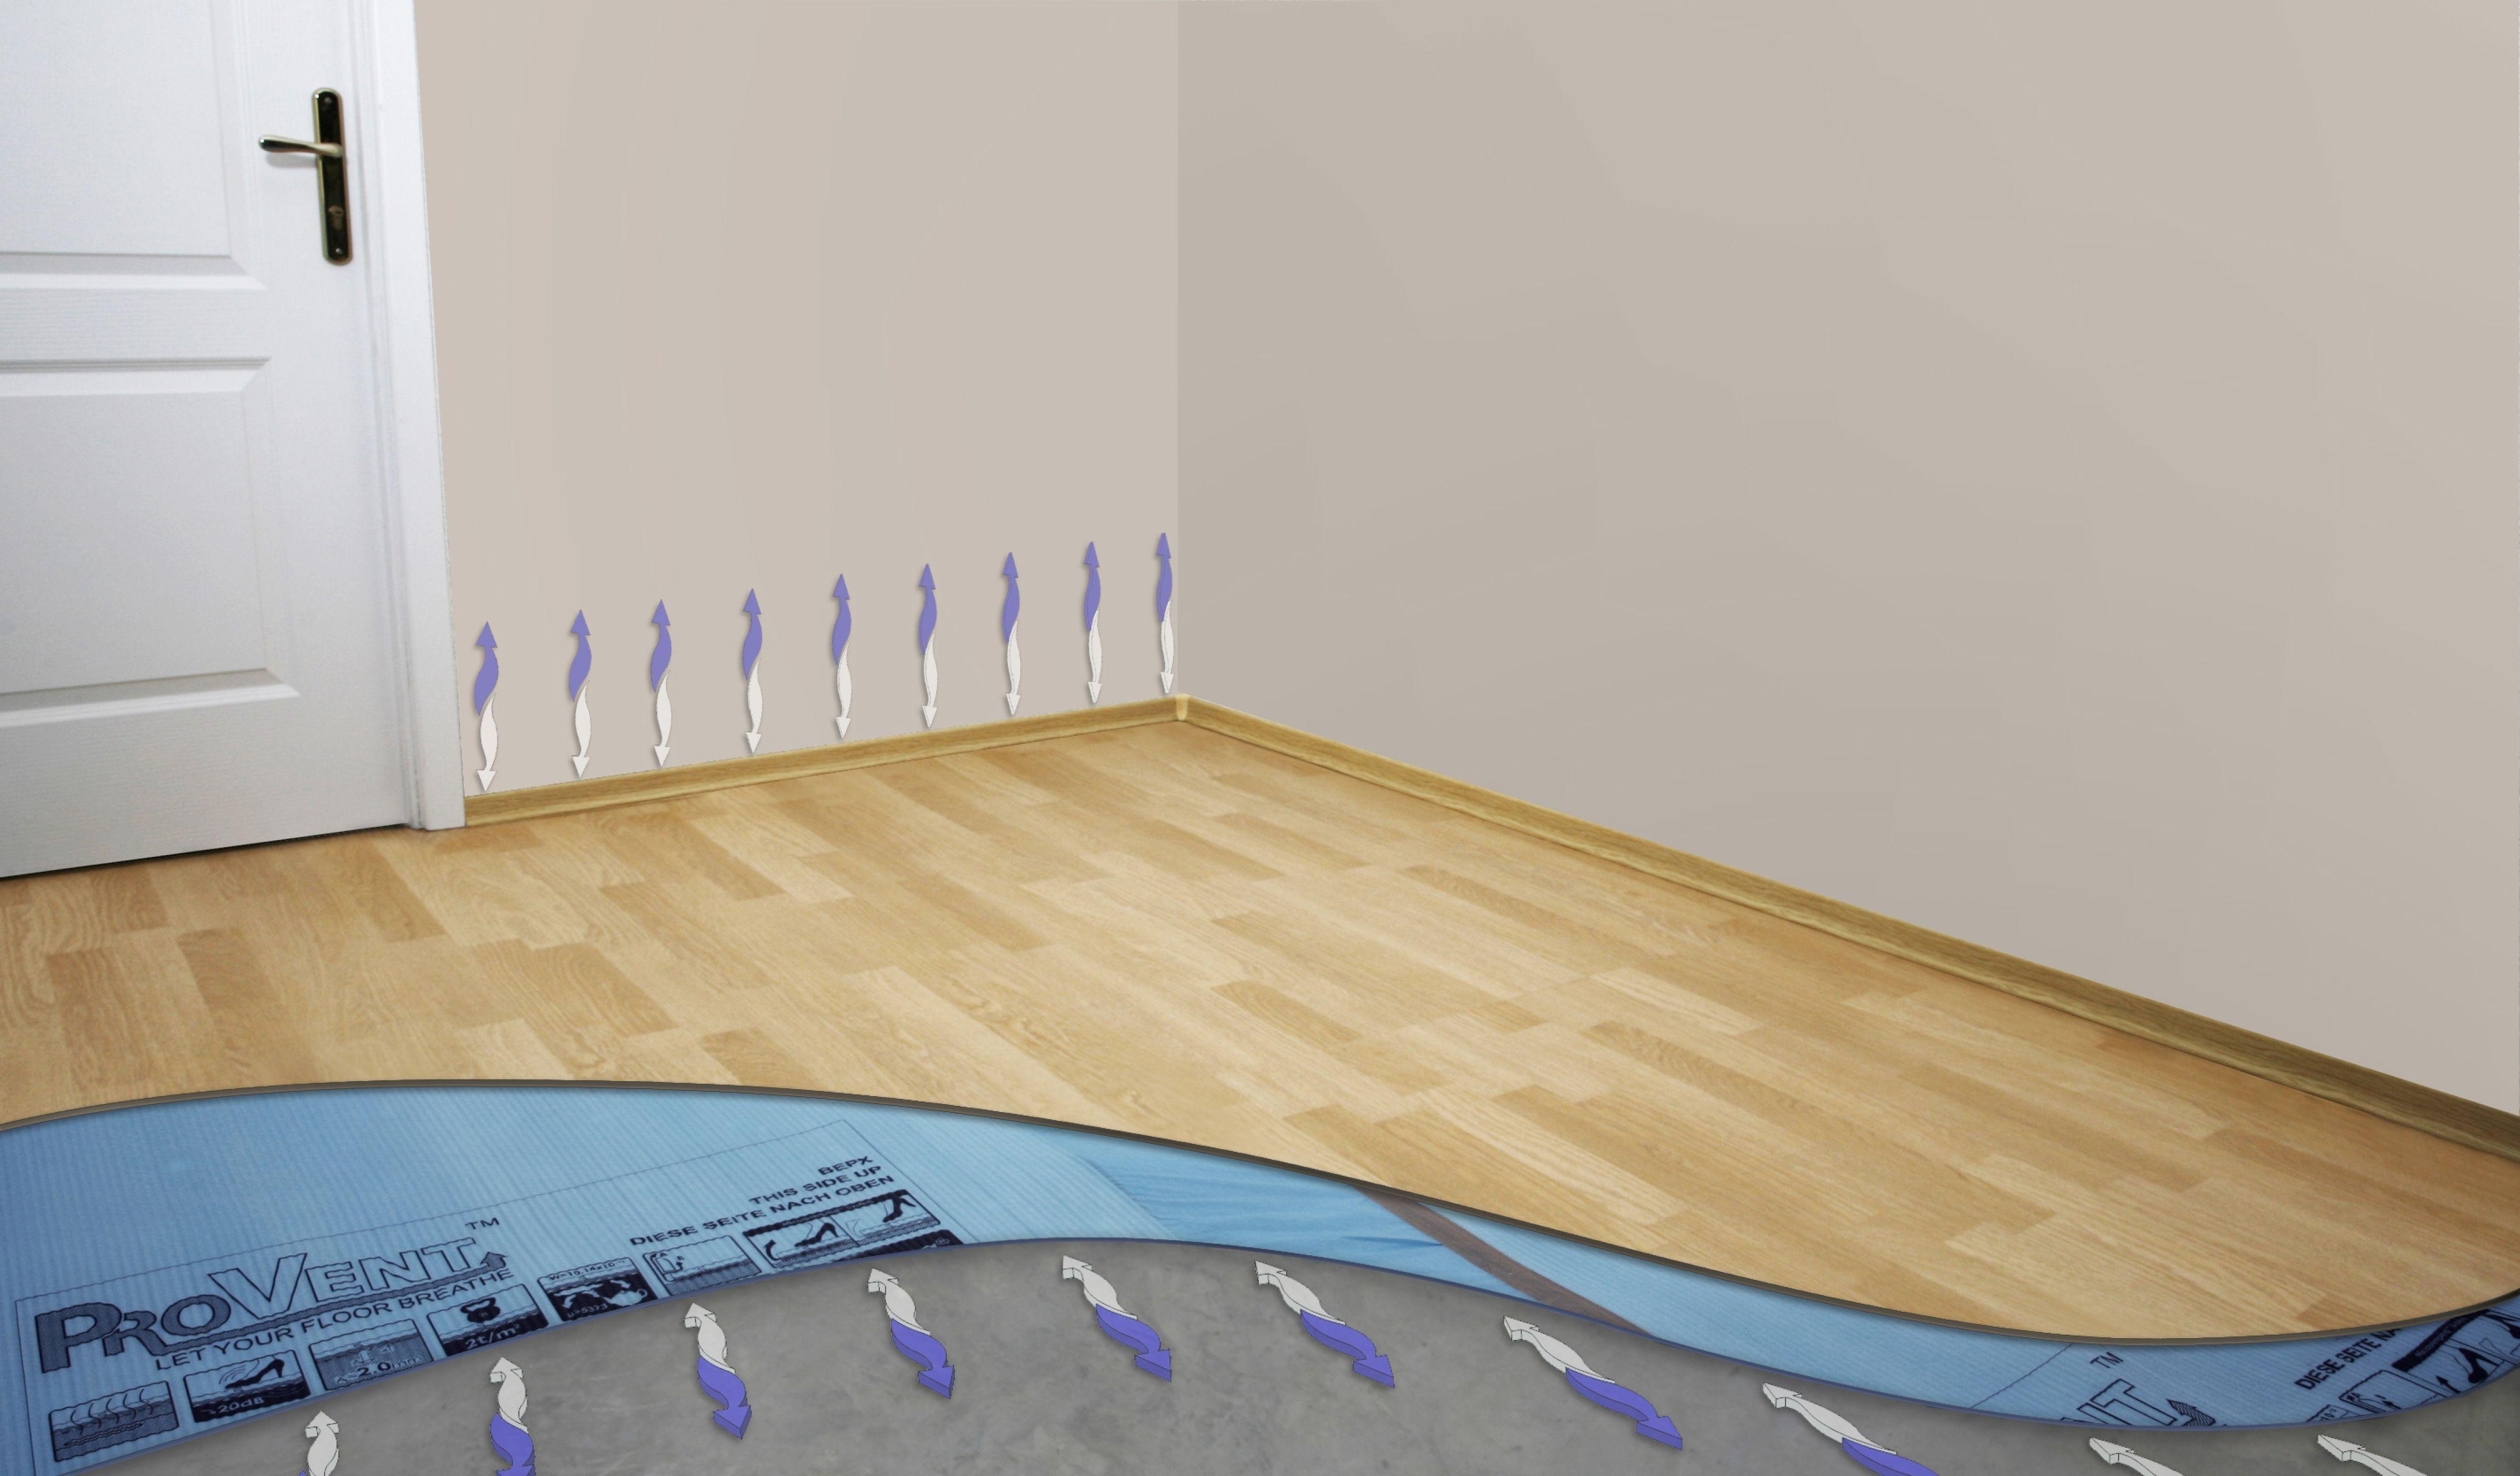 Vapor Barrier For Flooring Sevenstonesinccom - Best vapor barrier for hardwood floors